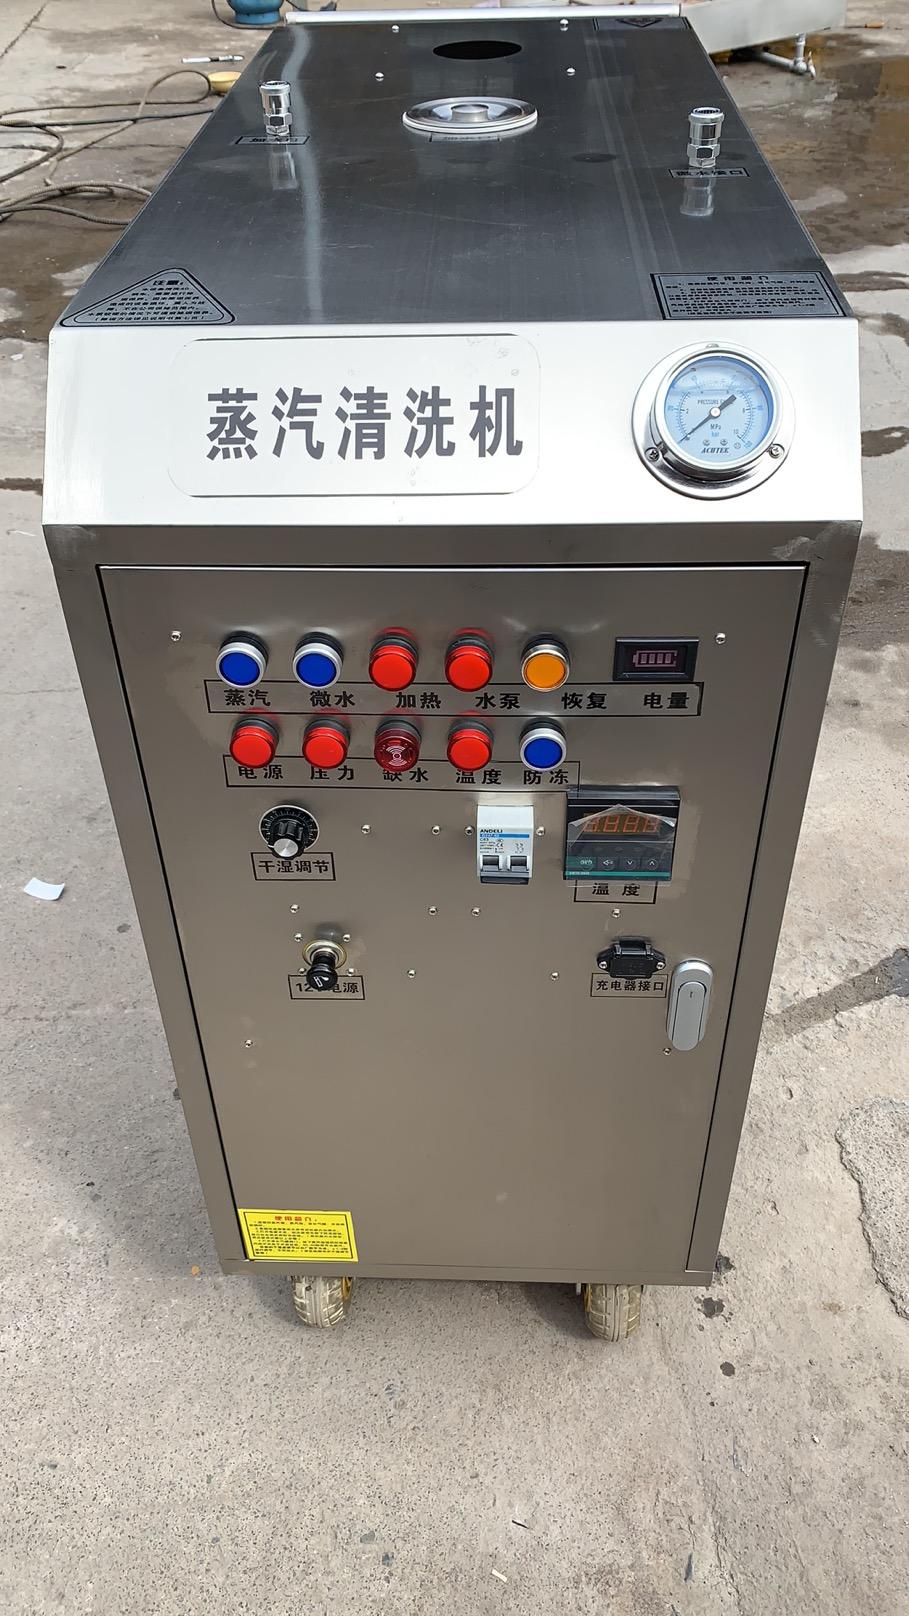 沐鸣2平台资讯高压蒸汽洗车机的广泛应用及市场优势